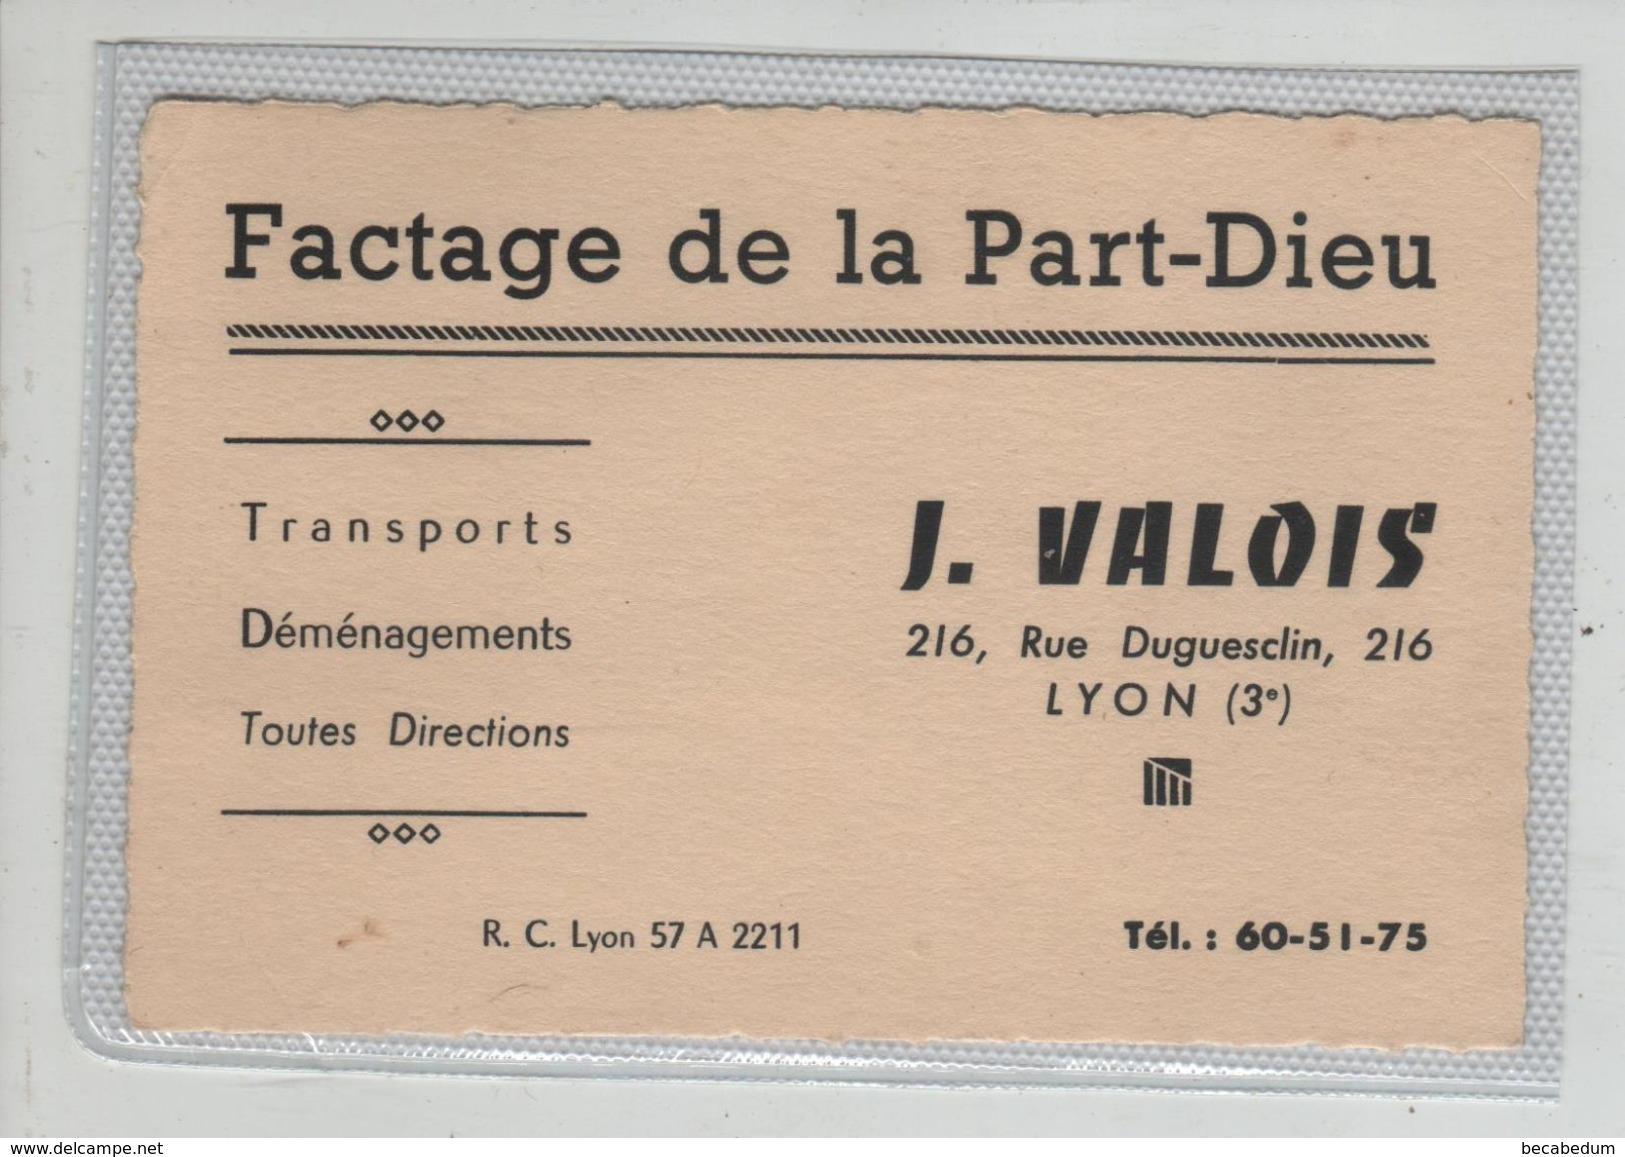 Carte De Visite Factage Part Dieu Valois Rue Duguesclin Lyon Transports Déménagements Orléans - Unclassified